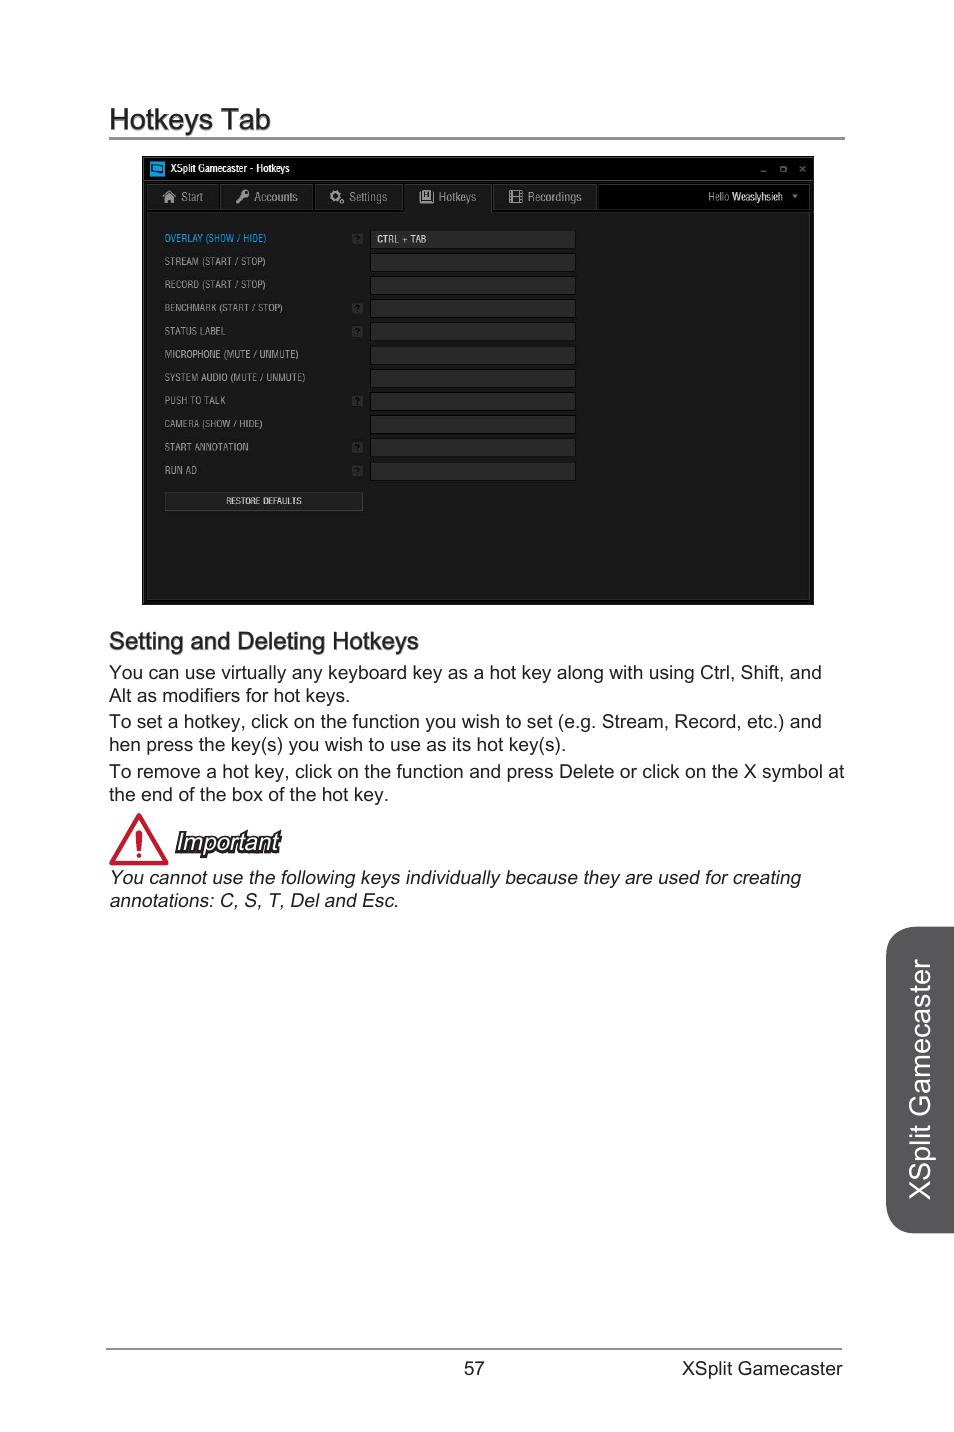 Hotkeys tab, Setting and deleting hotkeys, Xsplit gamecaster   MSI